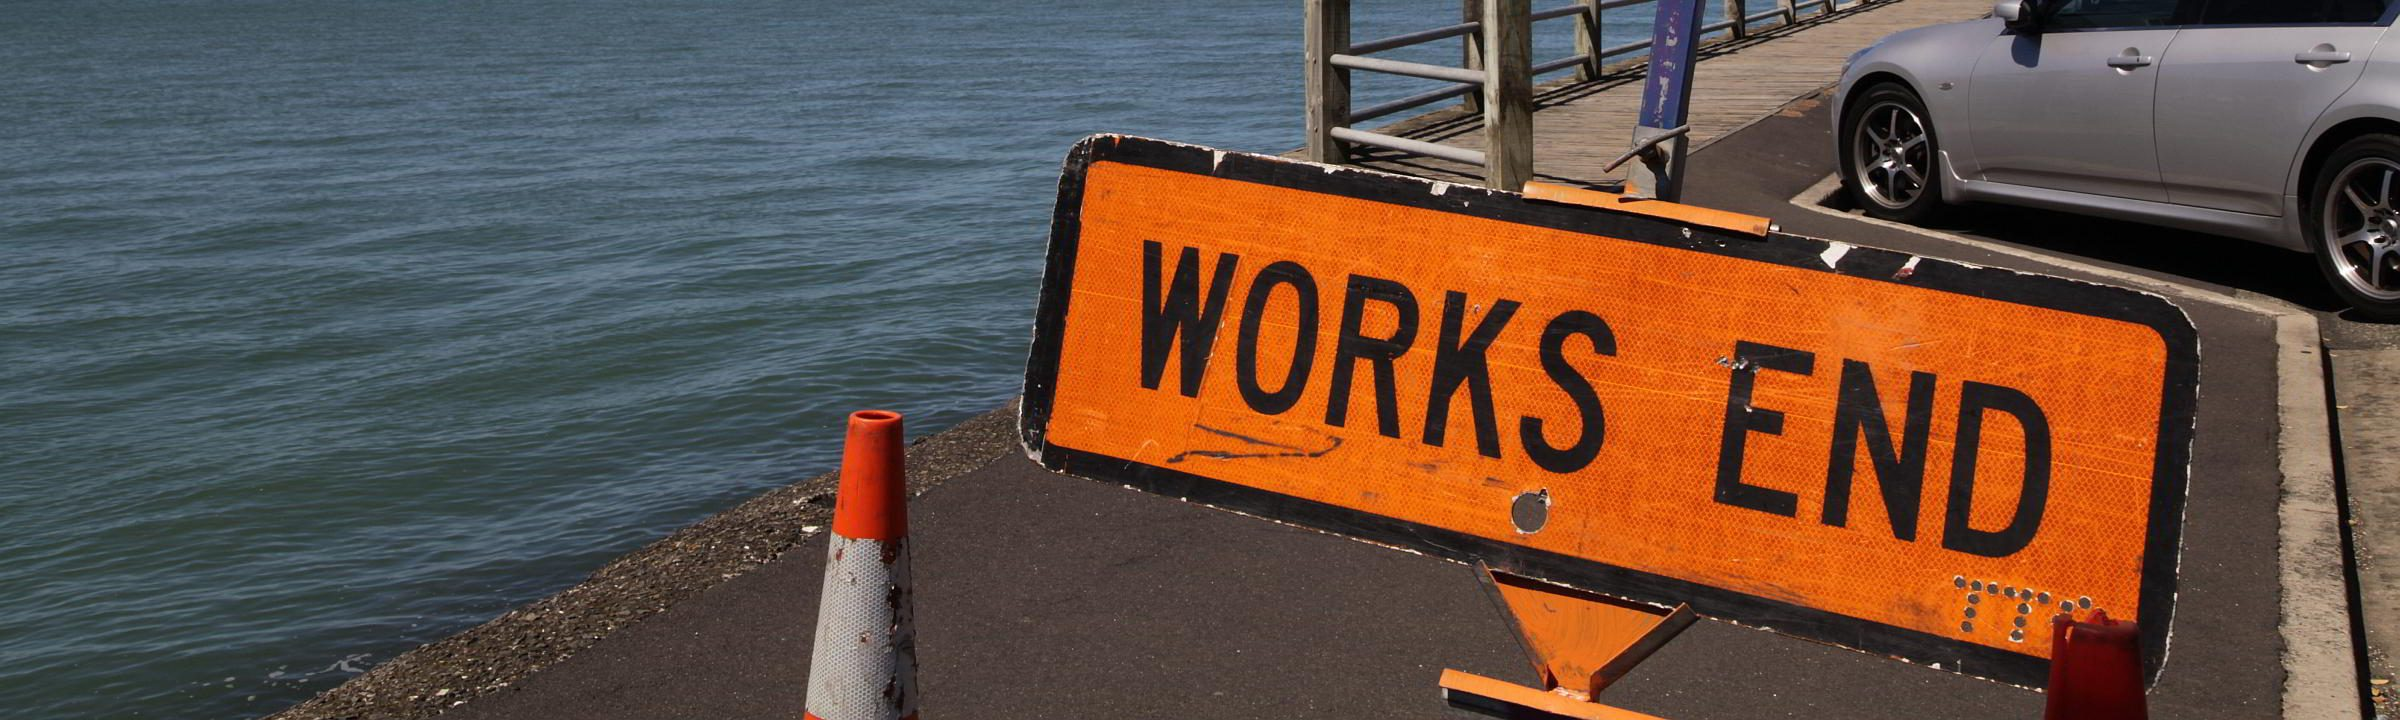 Works End Schild auf Neuseeland